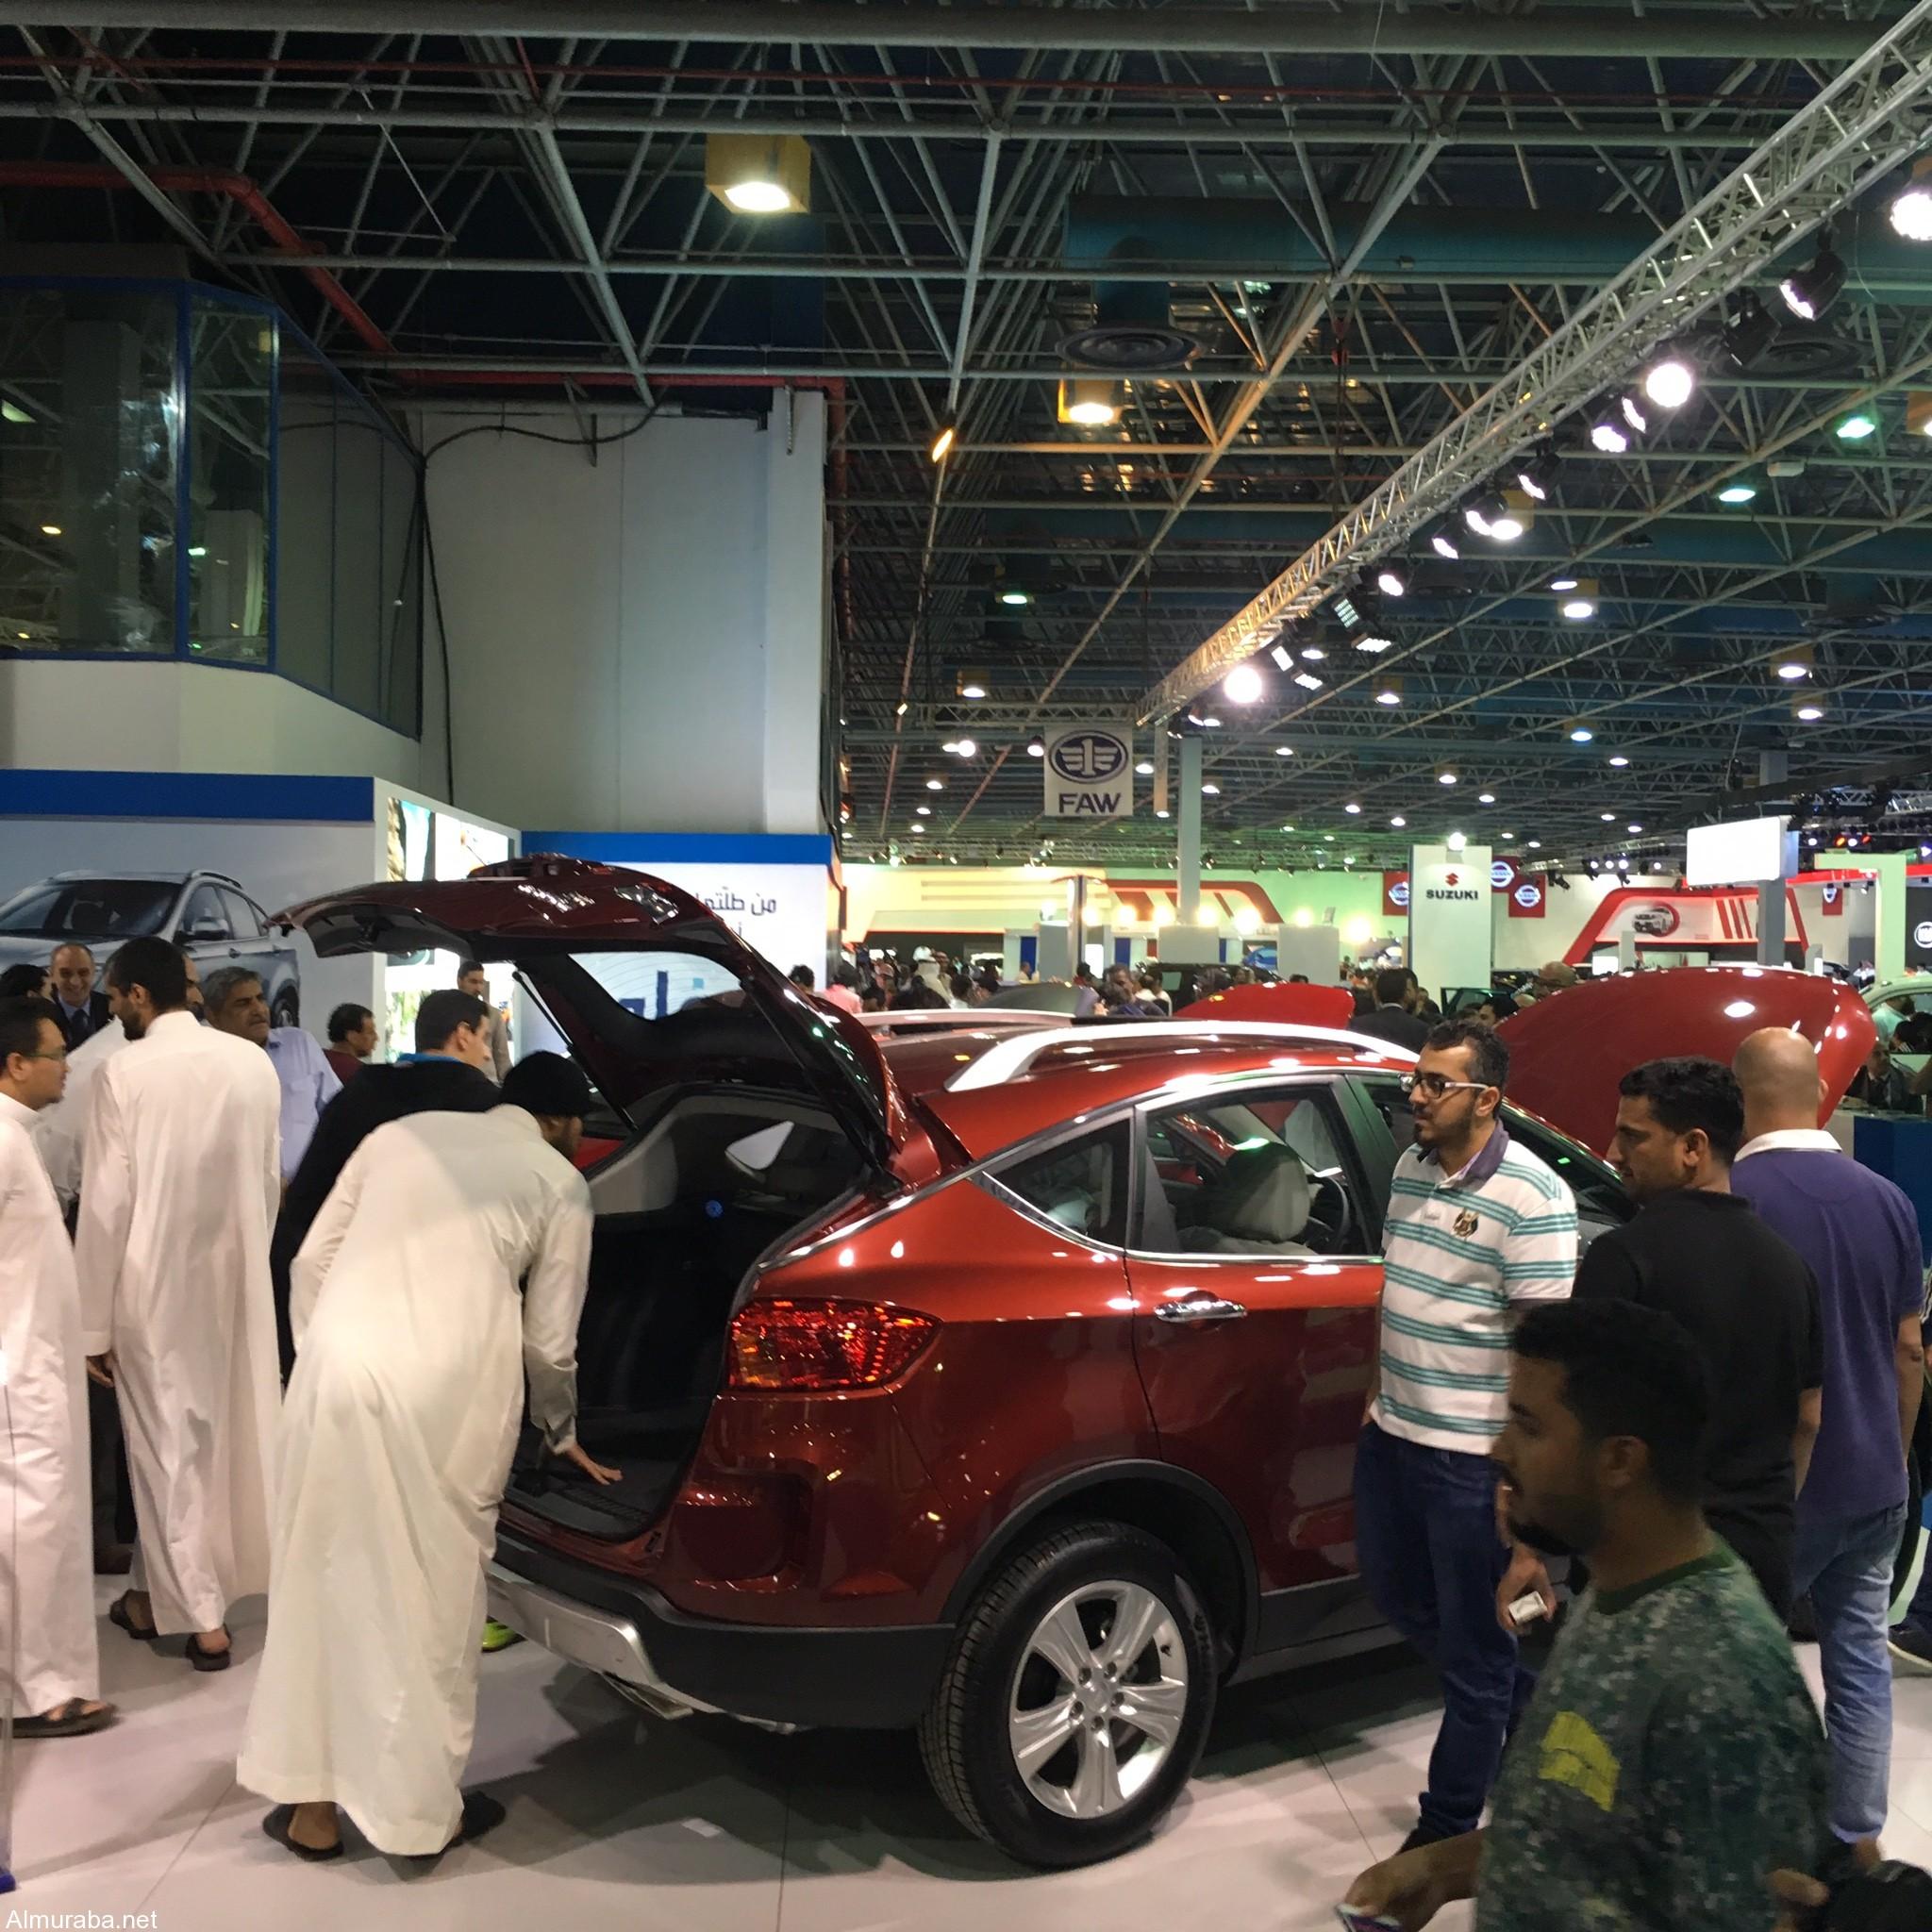 """سيارات """"فاو"""" تستعرض سياراتها وتبهر الزوار في المعرض السعودي الدولي للسيارات - المربع نت"""